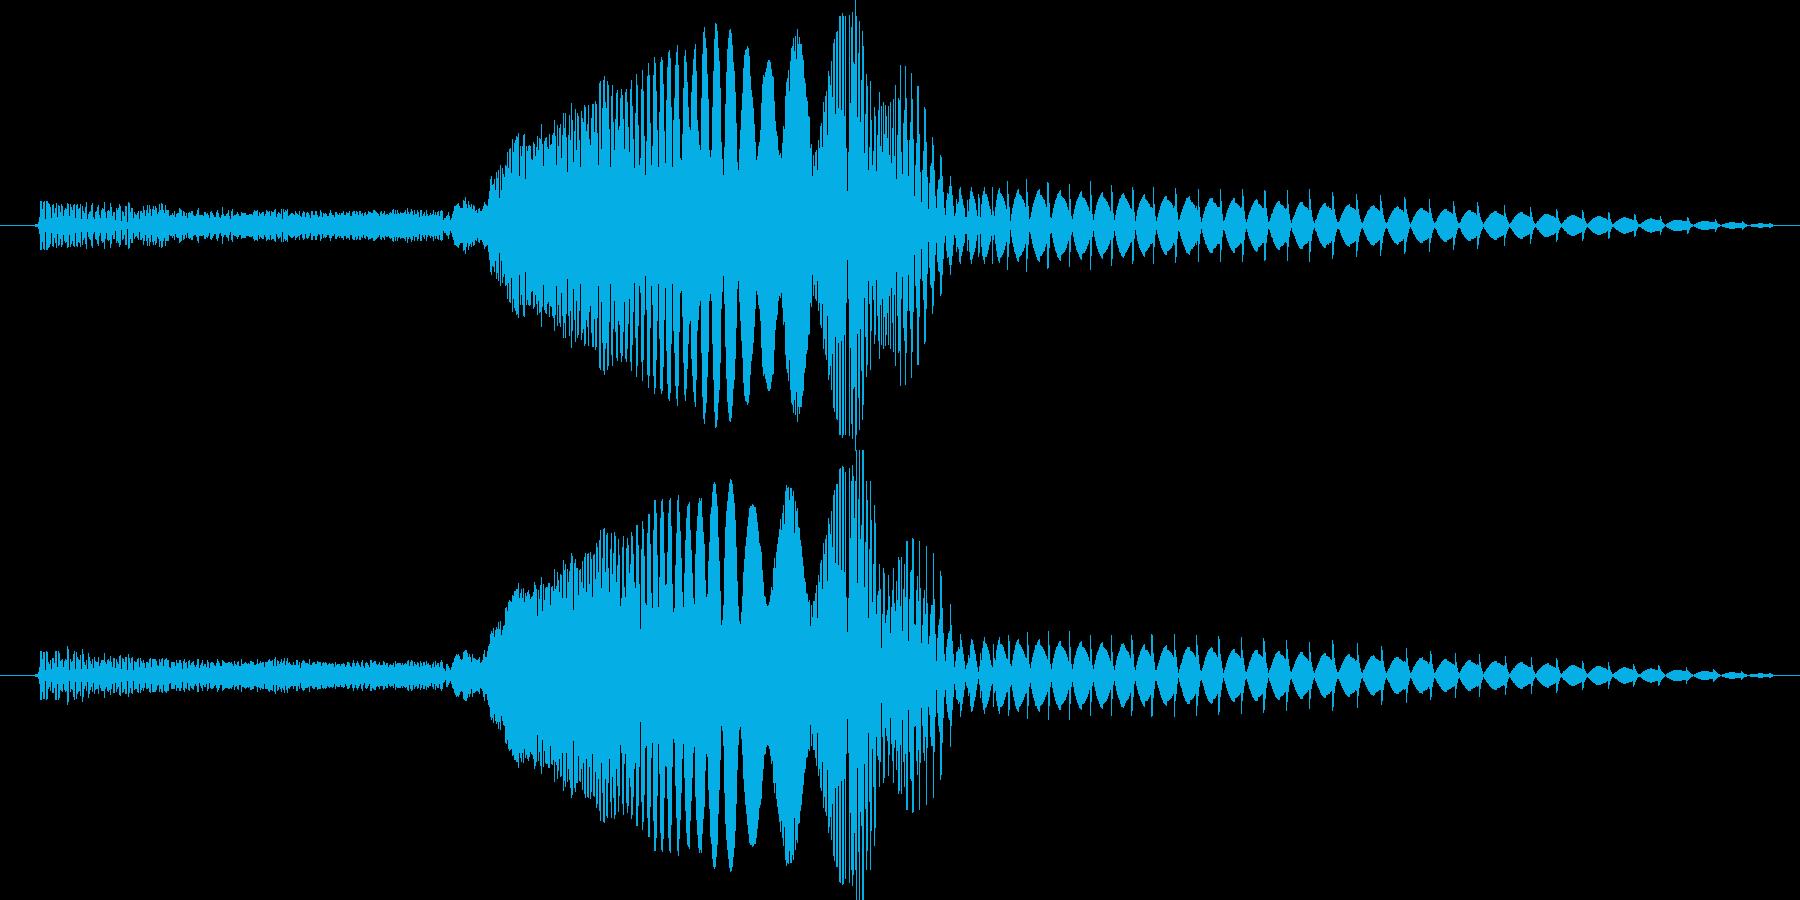 迫って来て何かを消すような音です。の再生済みの波形